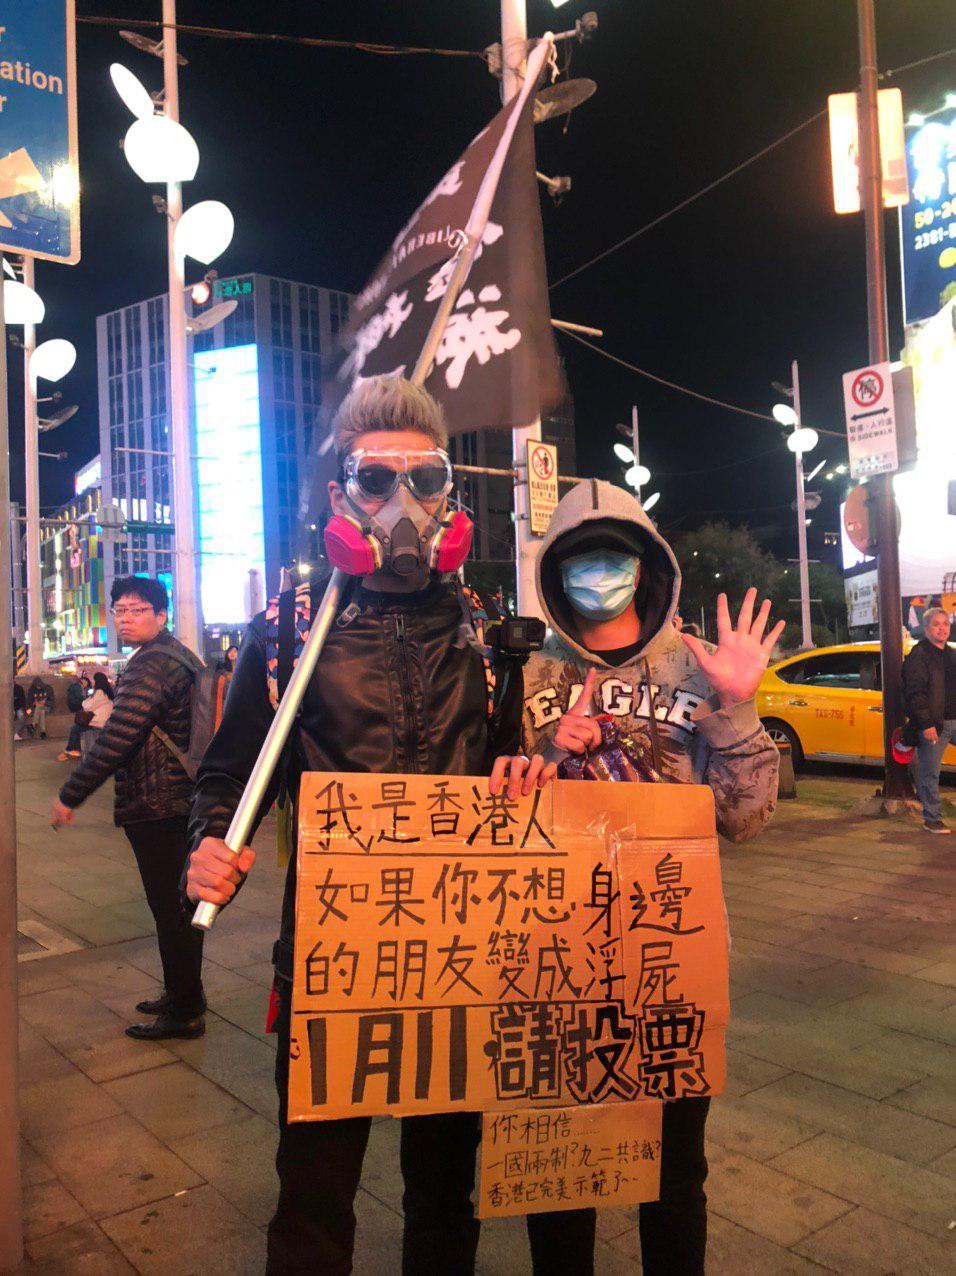 香港人在台灣西門町舉牌呼籲台灣人珍惜手中選票。(梁珍 / 大紀元)